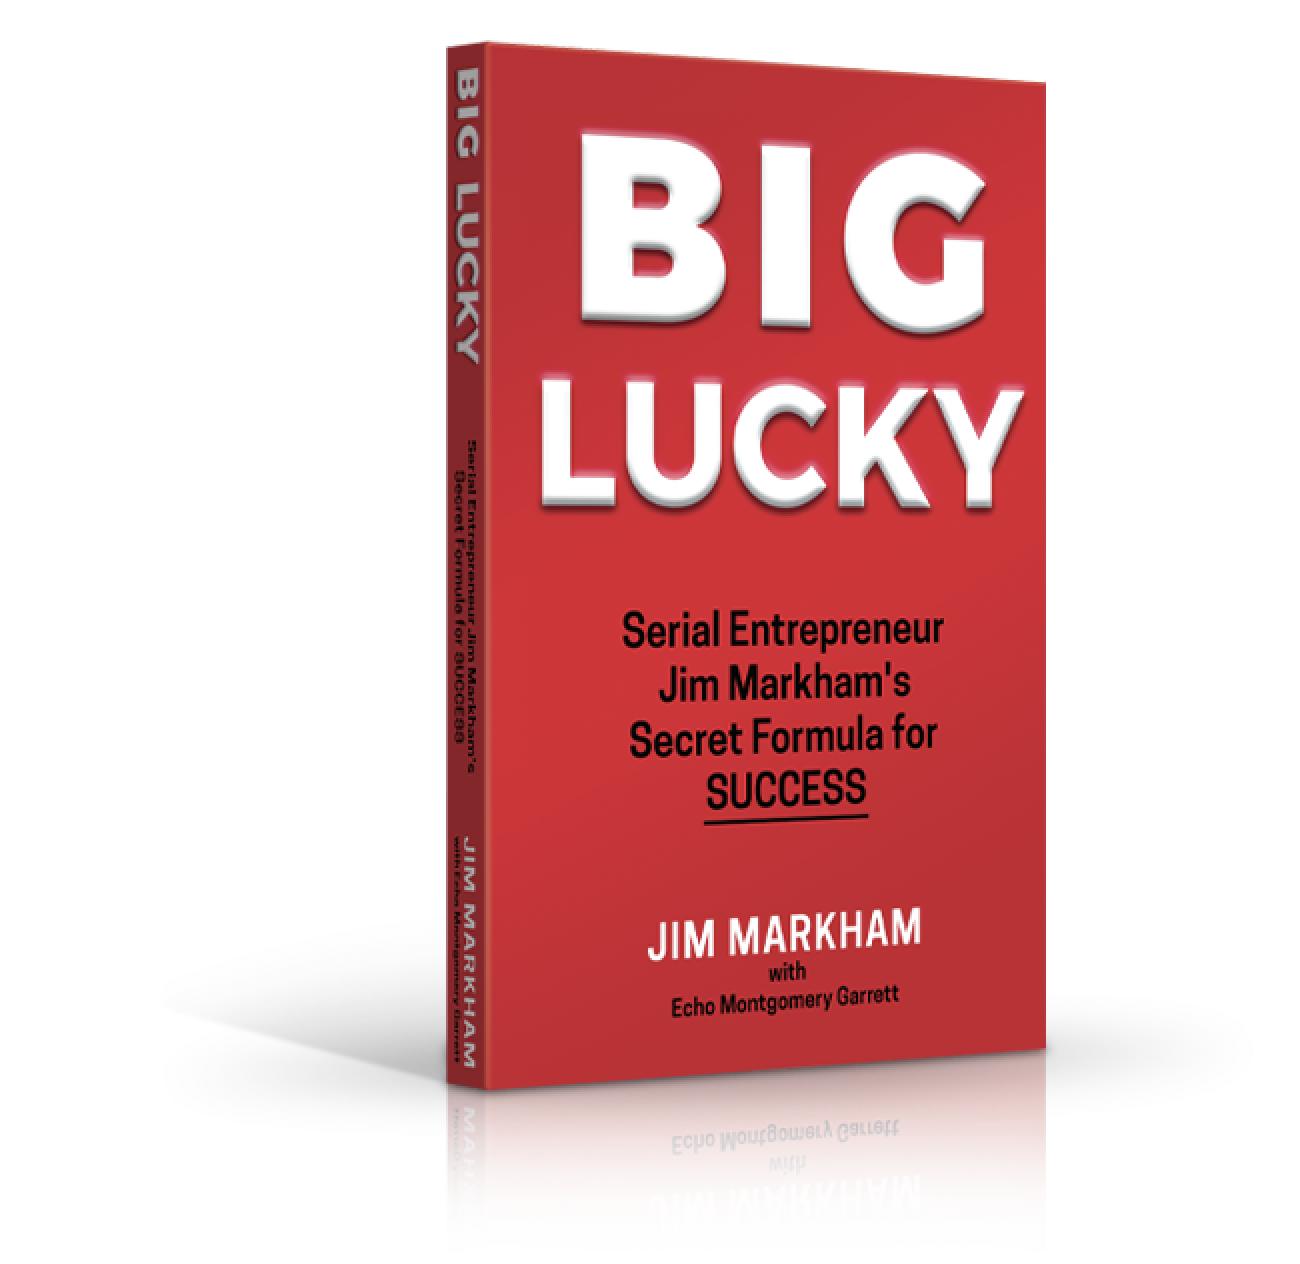 Big Lucky Book Rendering